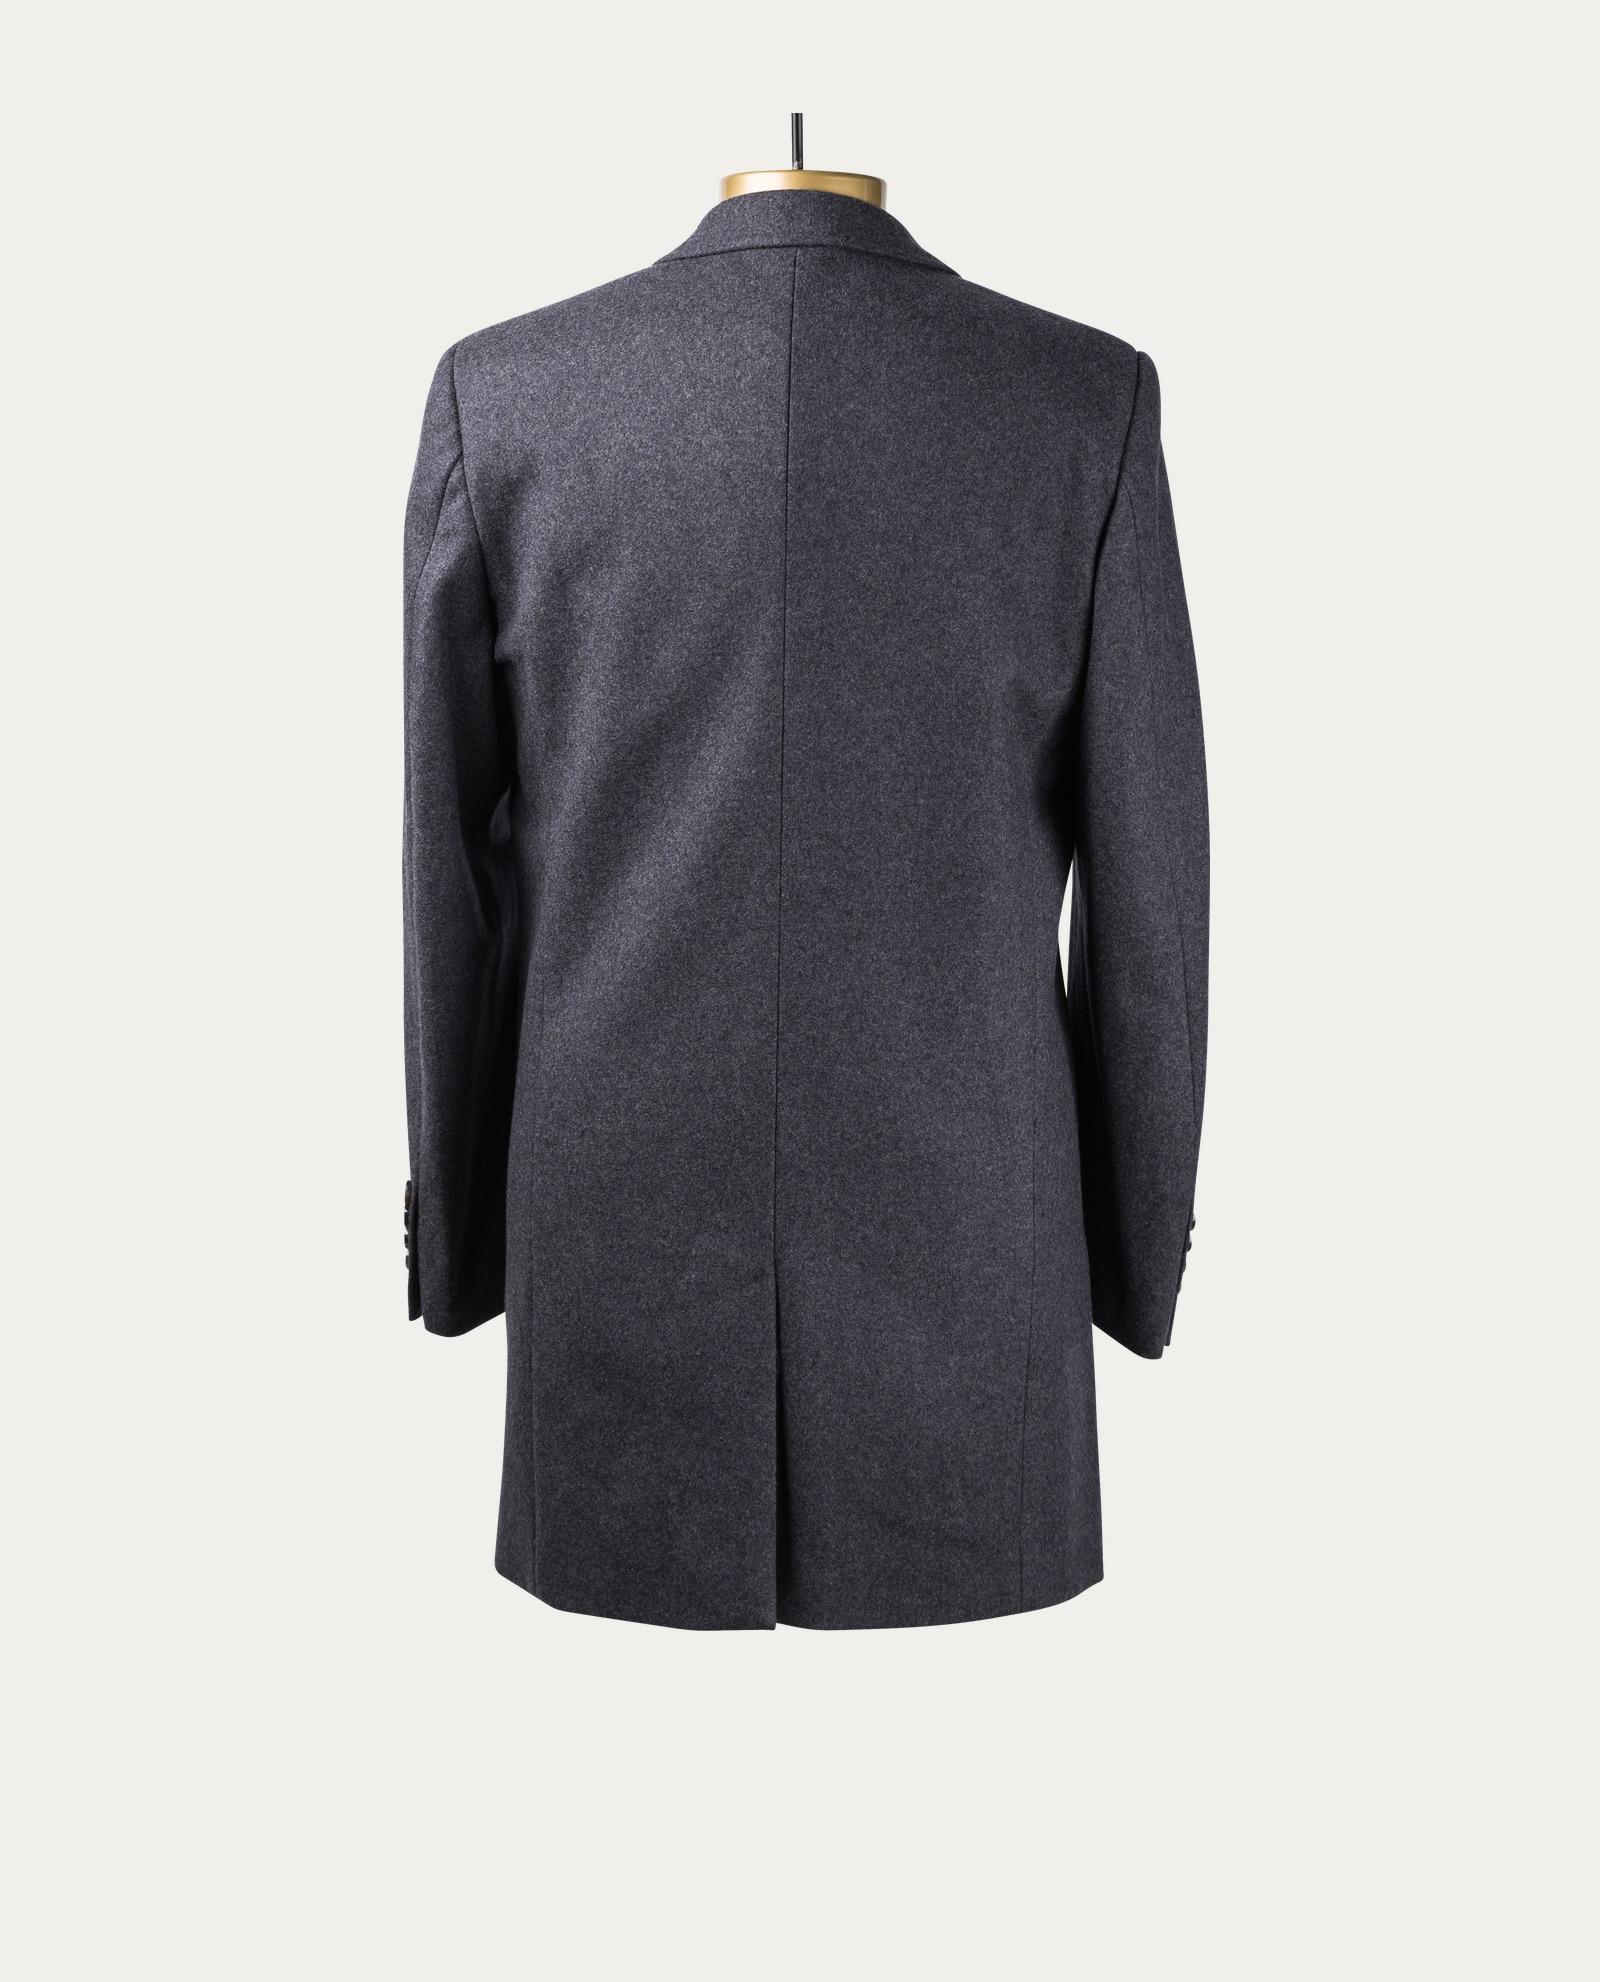 Apparel Cotton Wool Concept Manteau Store Knowledge Coat gwBPx0